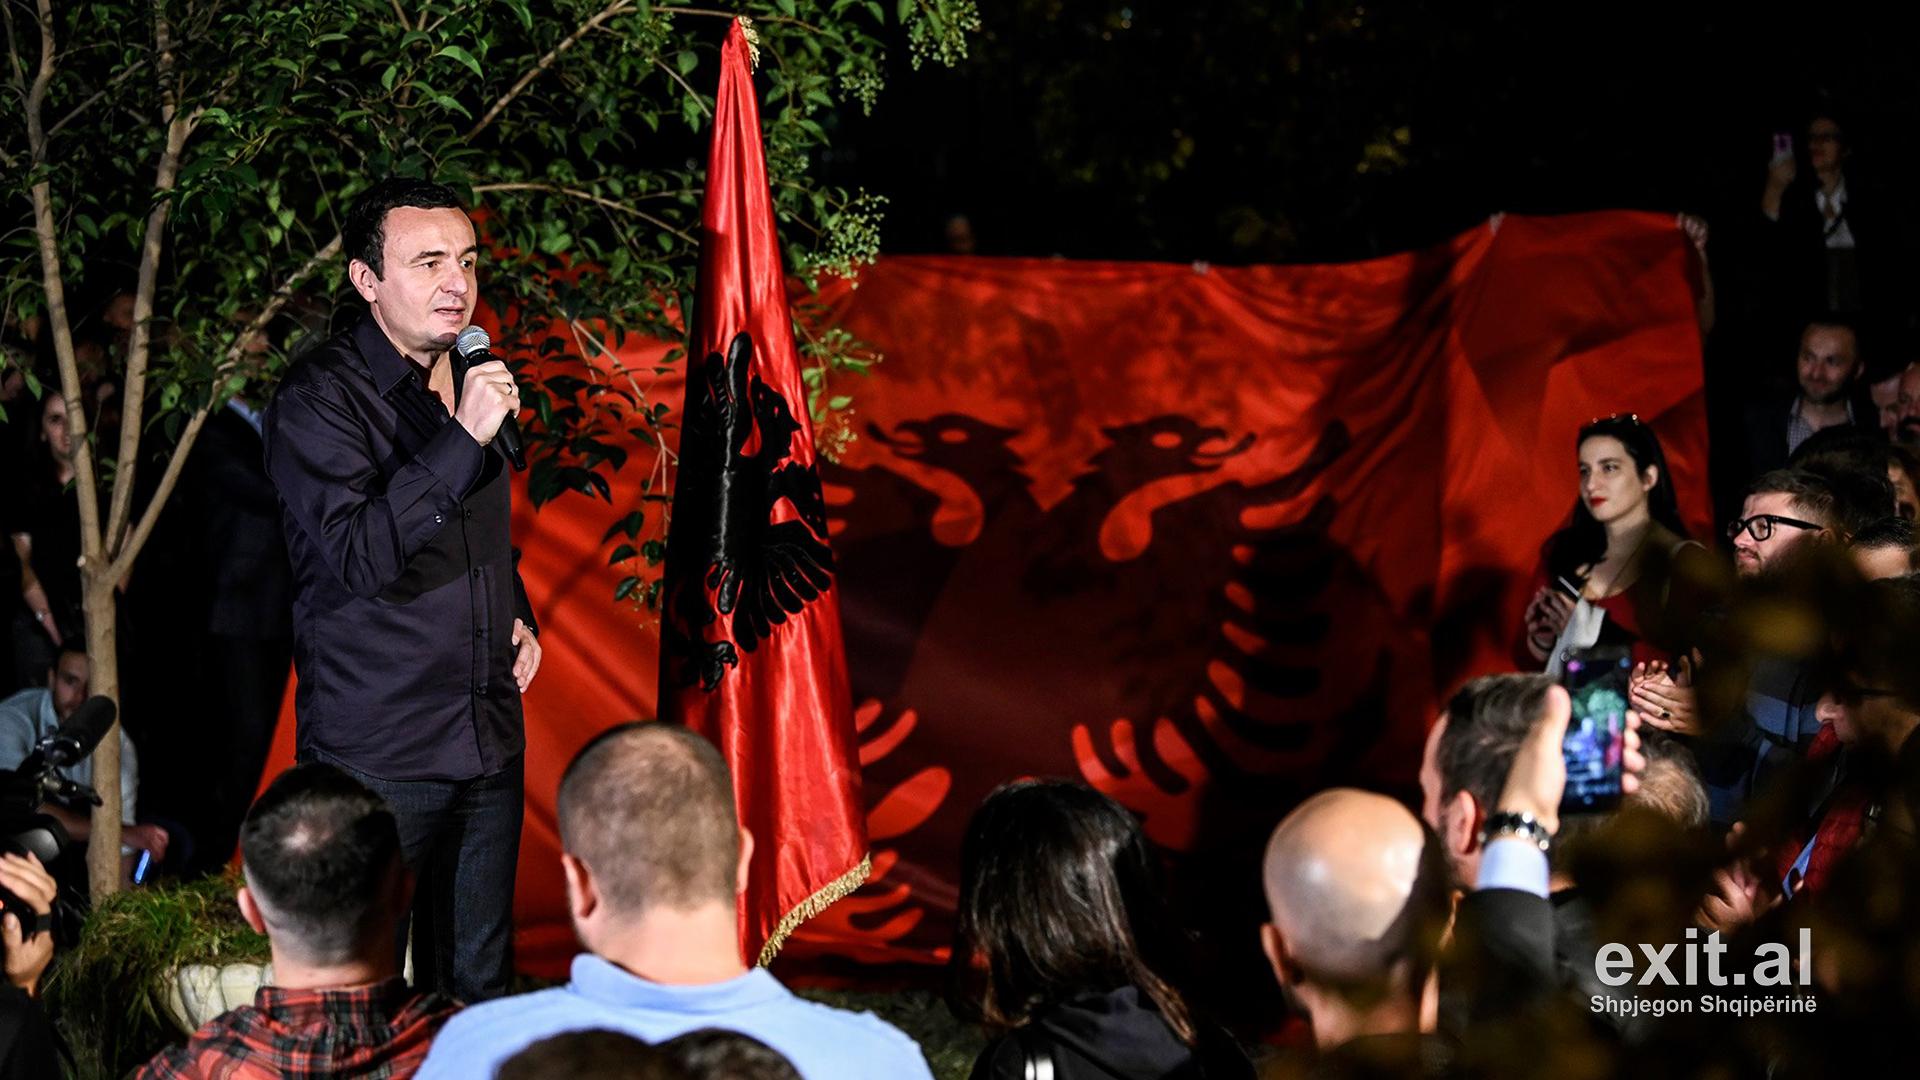 LVV, nëse Rama nuk kundërshton zyrtarisht Greqinë, të gjithë në protestë